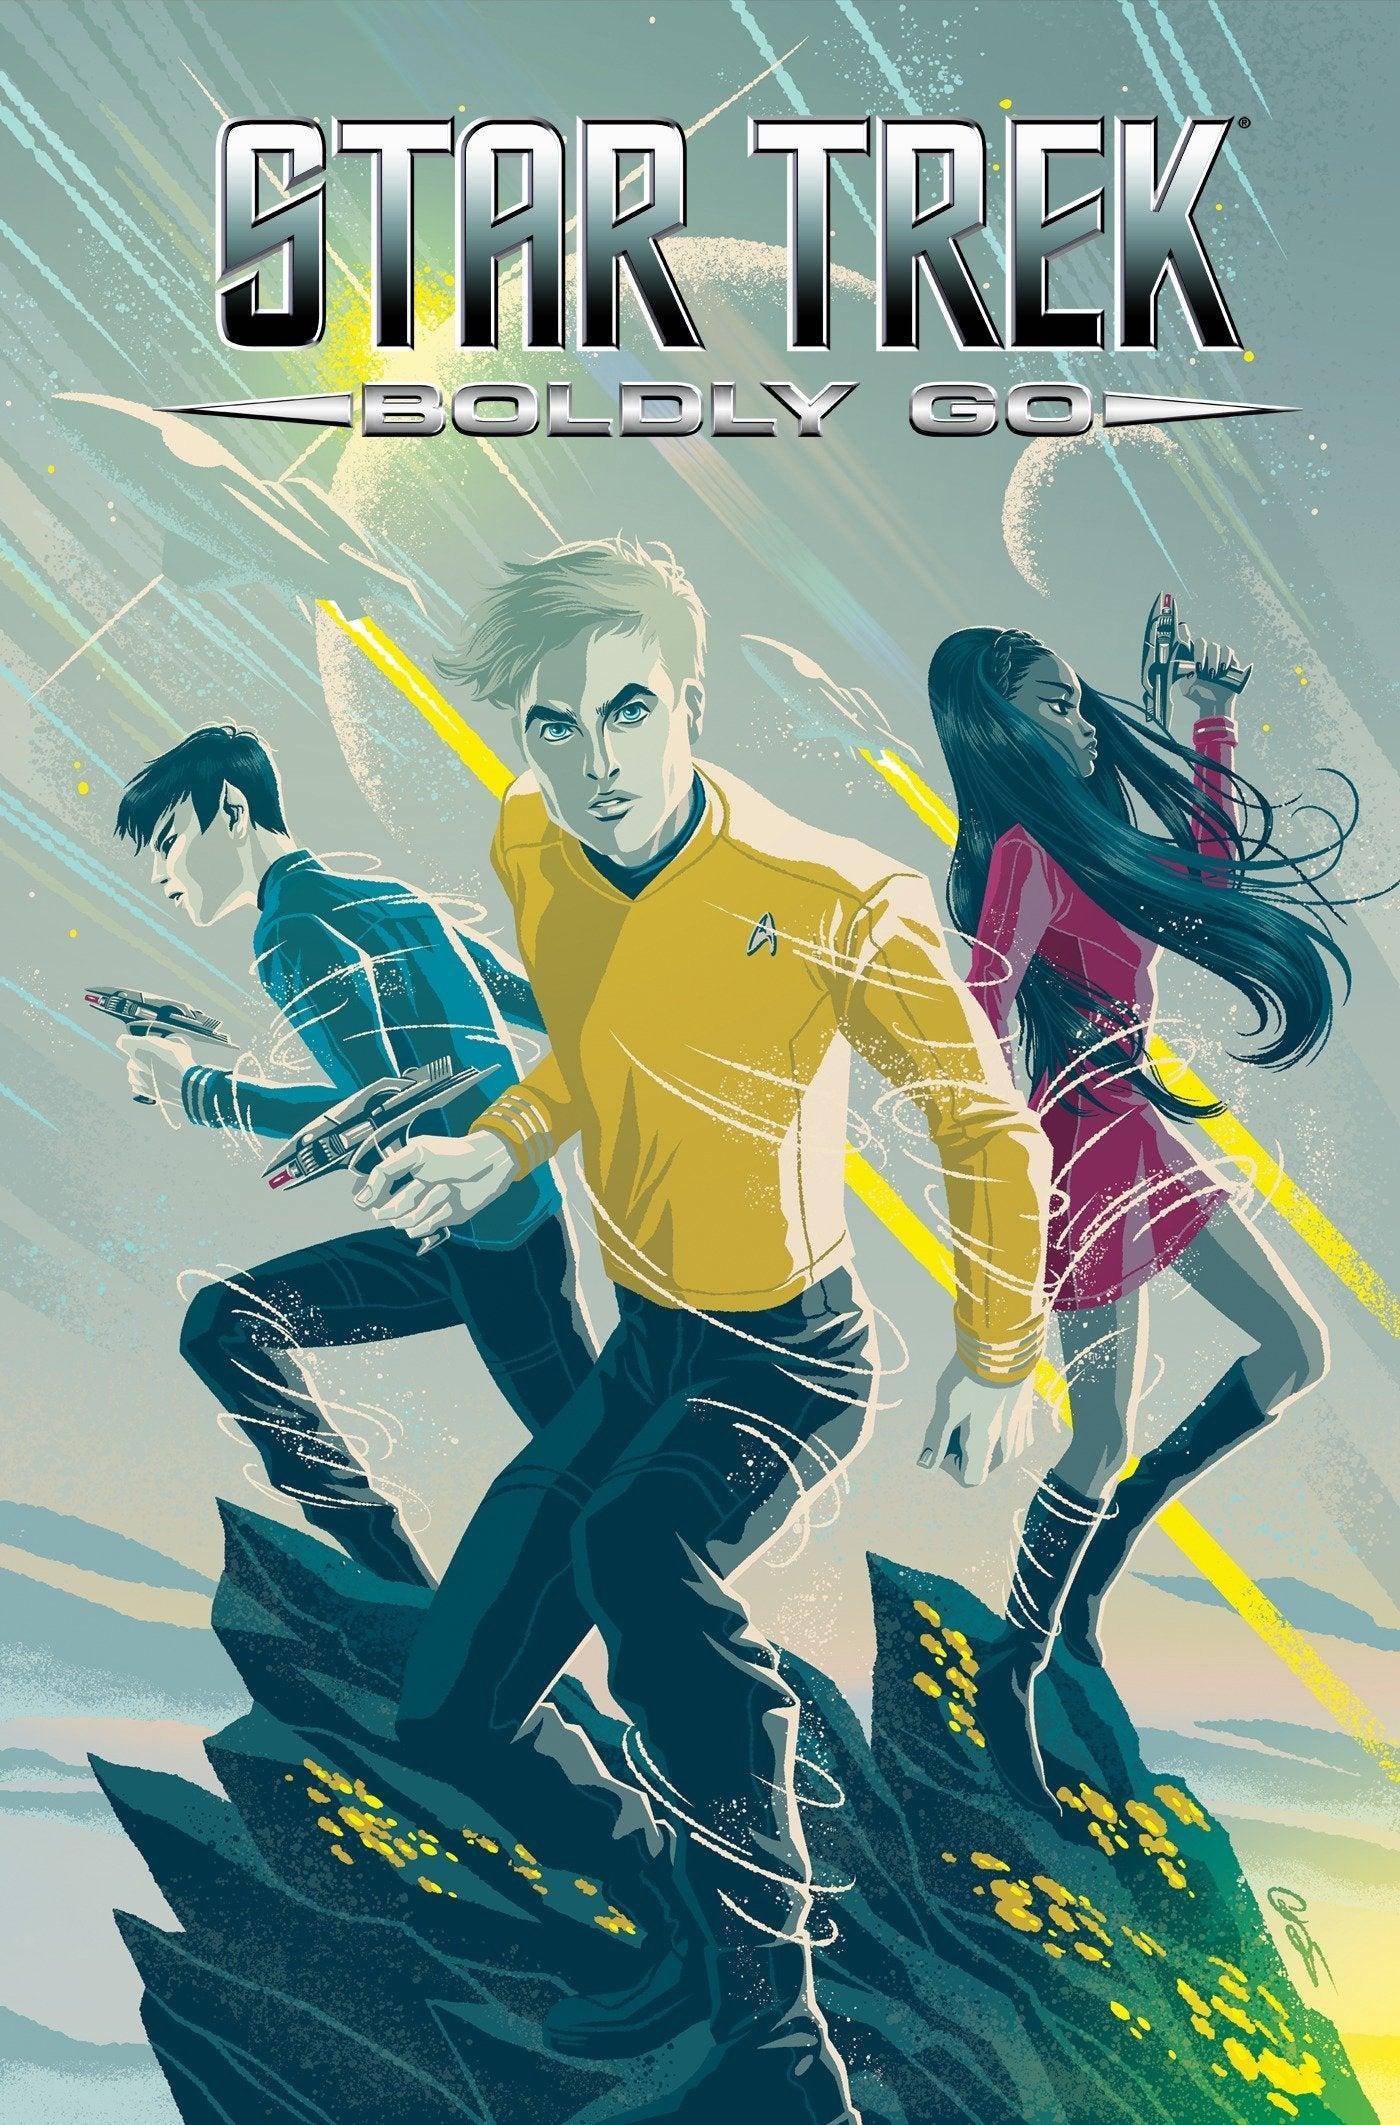 Star Trek Boldy Go.jpg